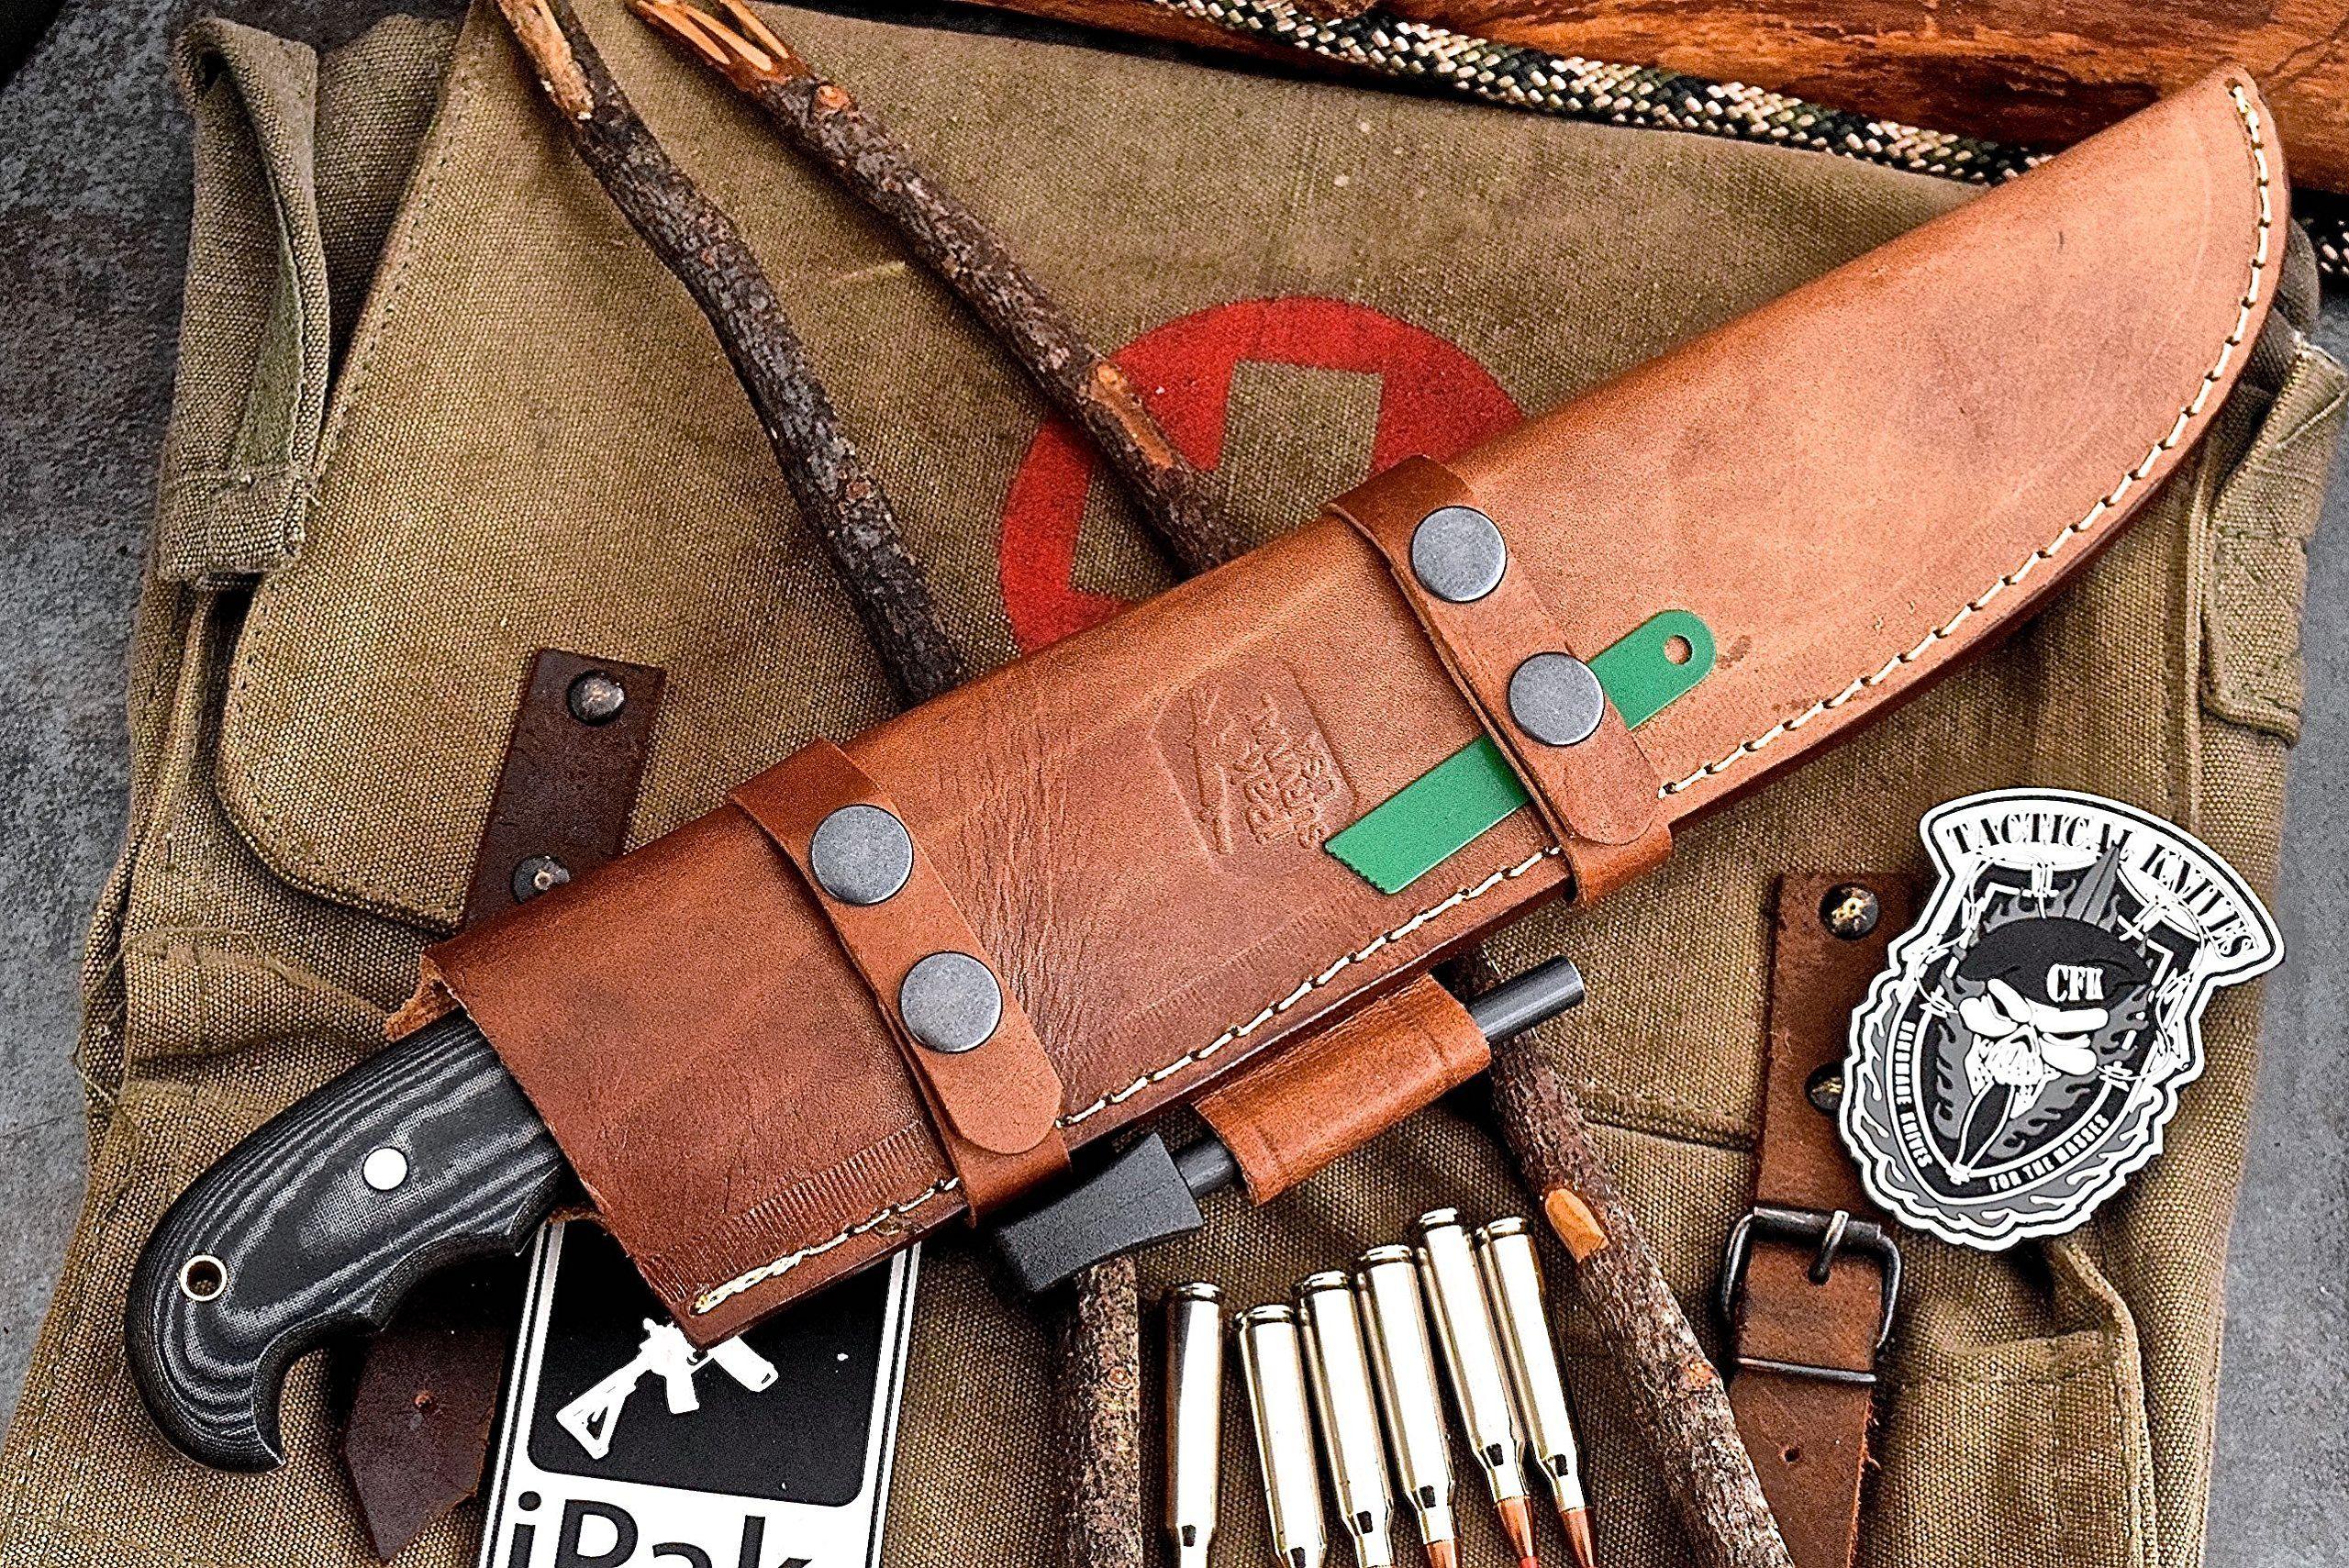 CFK Cutlery Company IPAK USA 15 KOPIS Kukri Gurkha Bolo